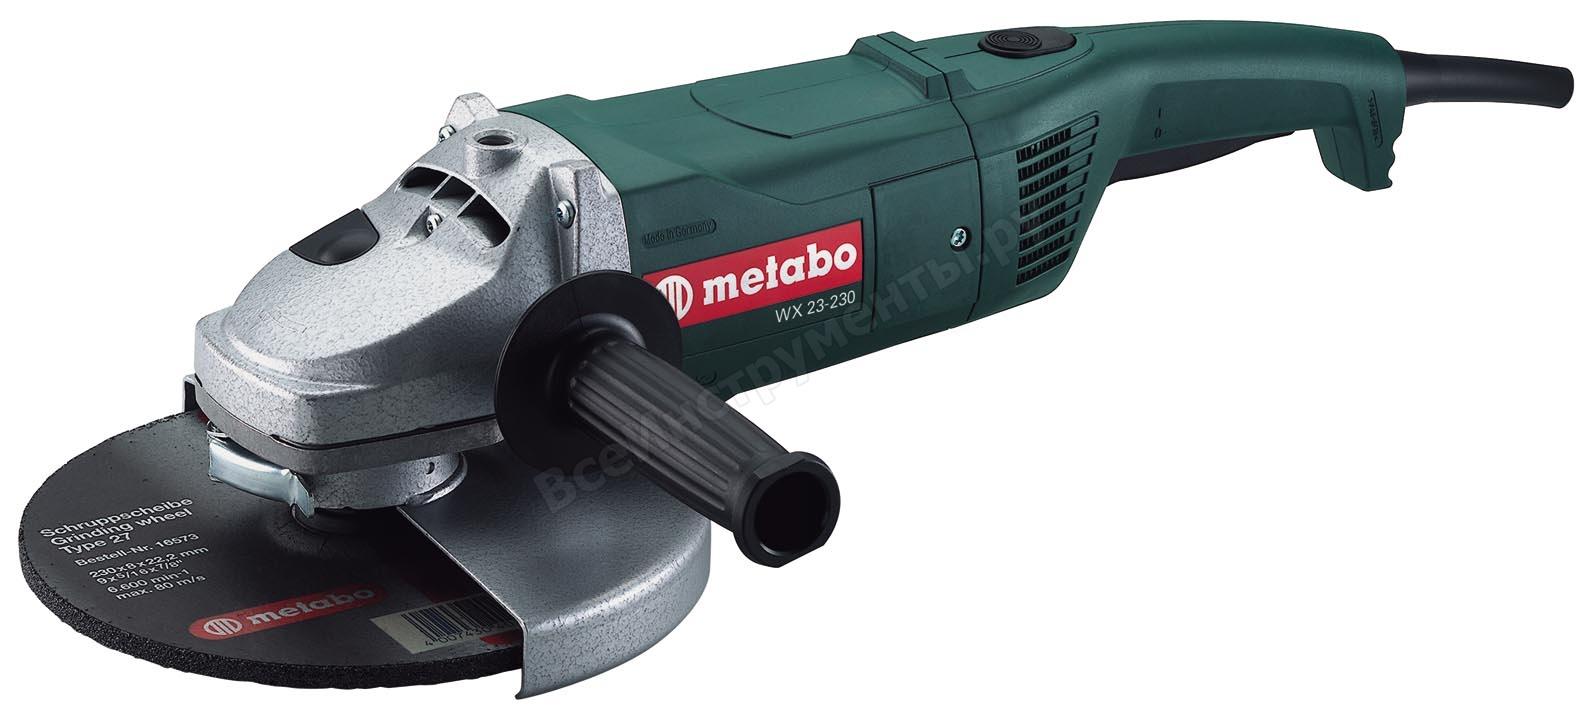 Metabo WX 21-230